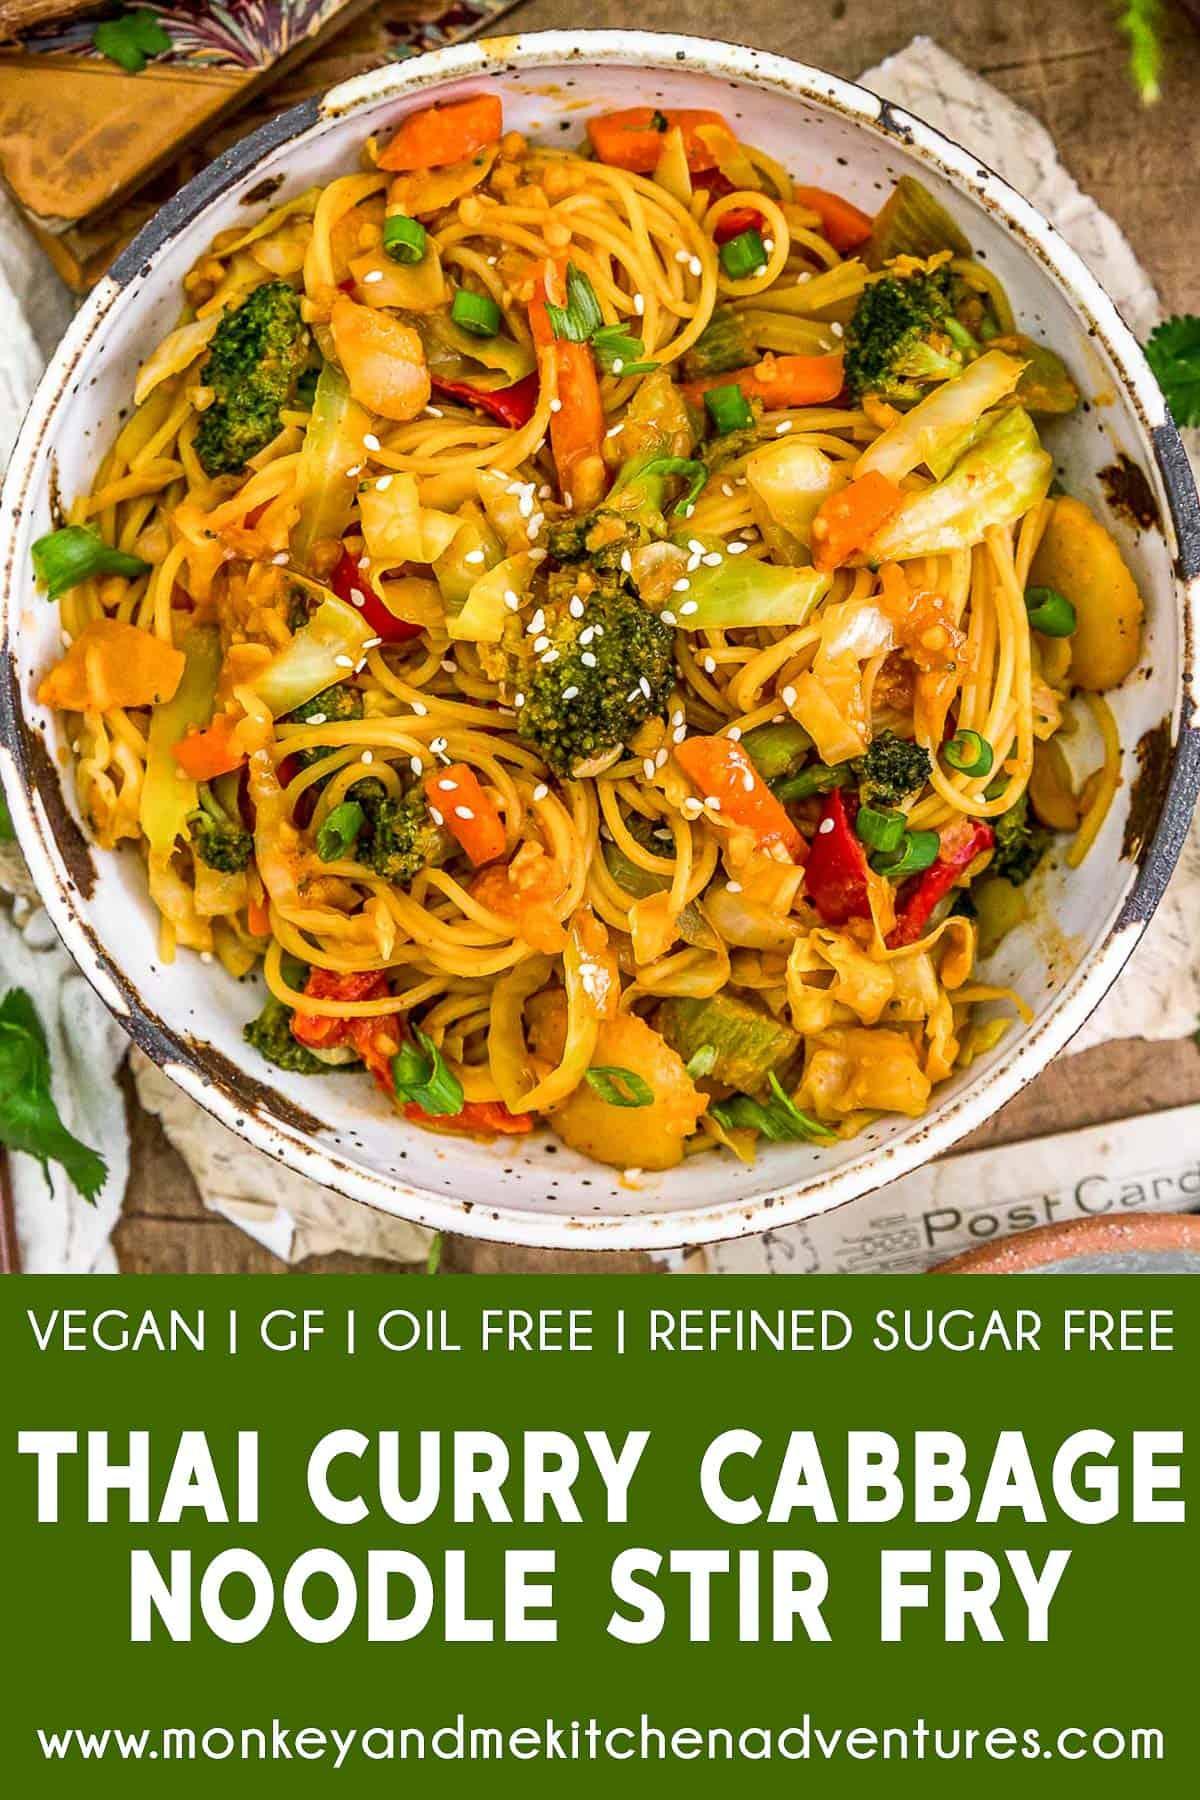 Thai Curry Cabbage Noodle Stir Fry with text description